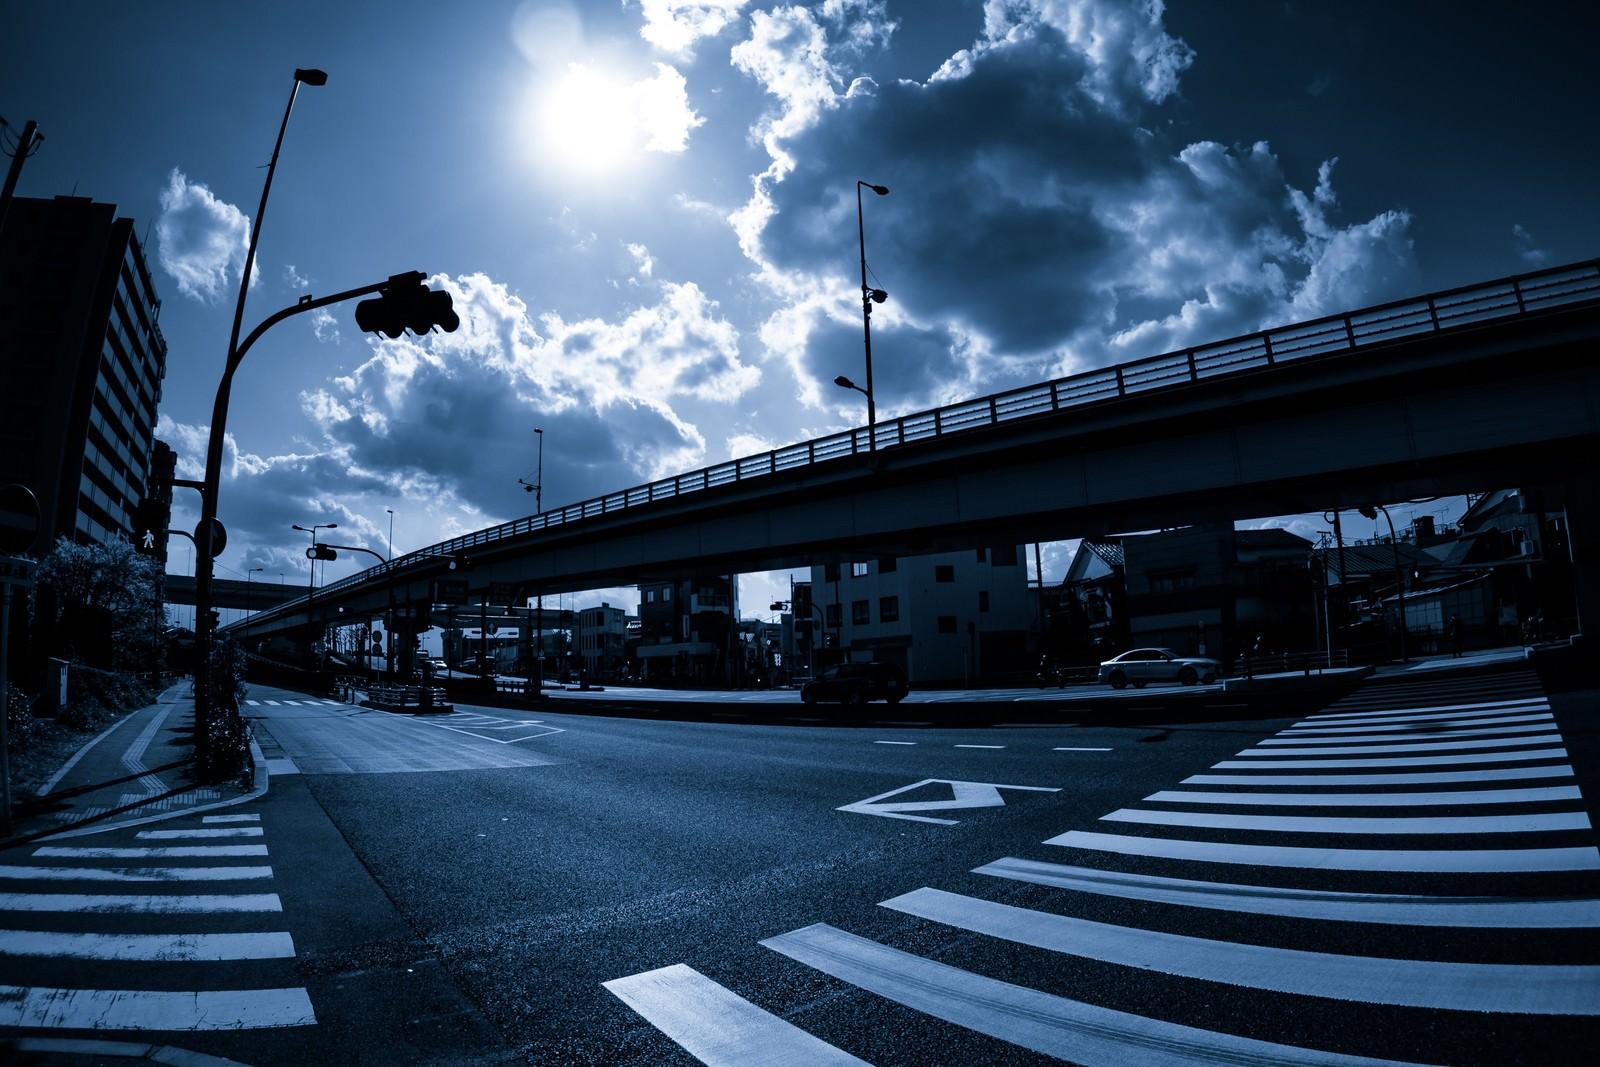 「暗い交差点」の写真